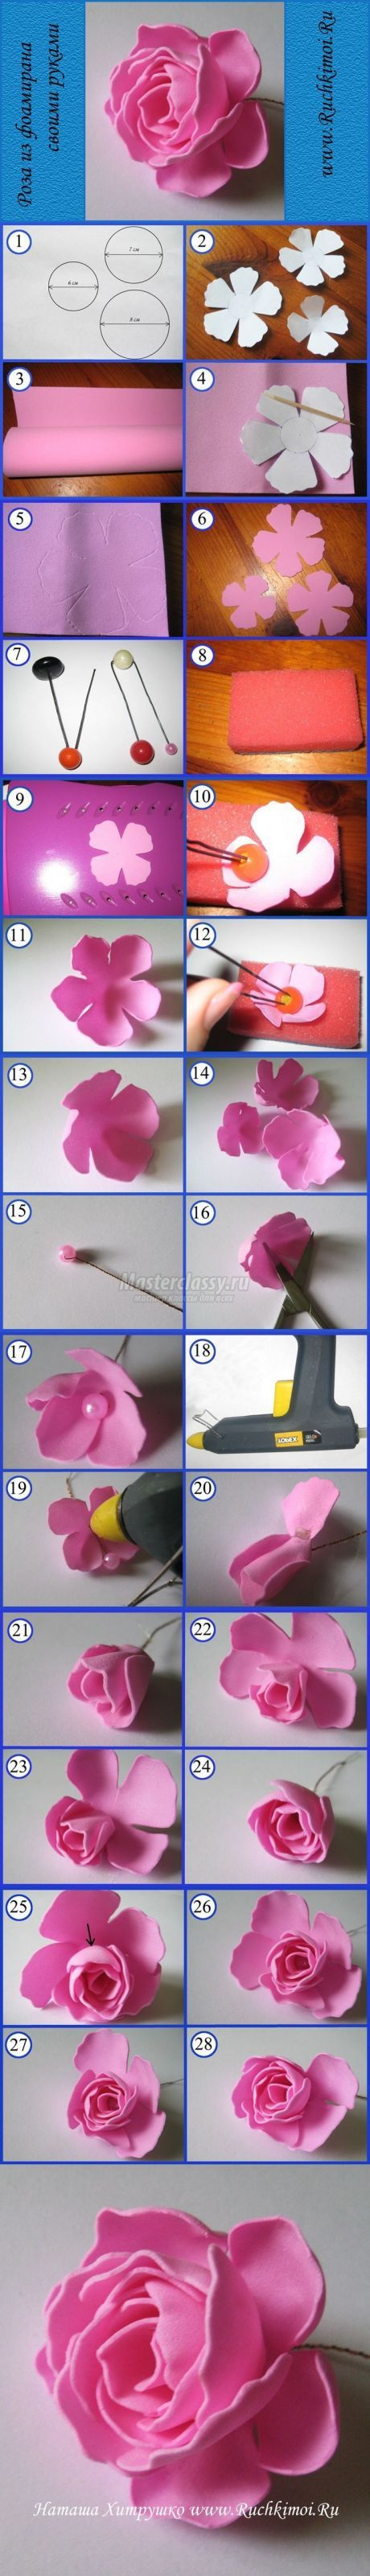 Цветы из фоамирана: 50 лучших идей и мастер-классов с фото